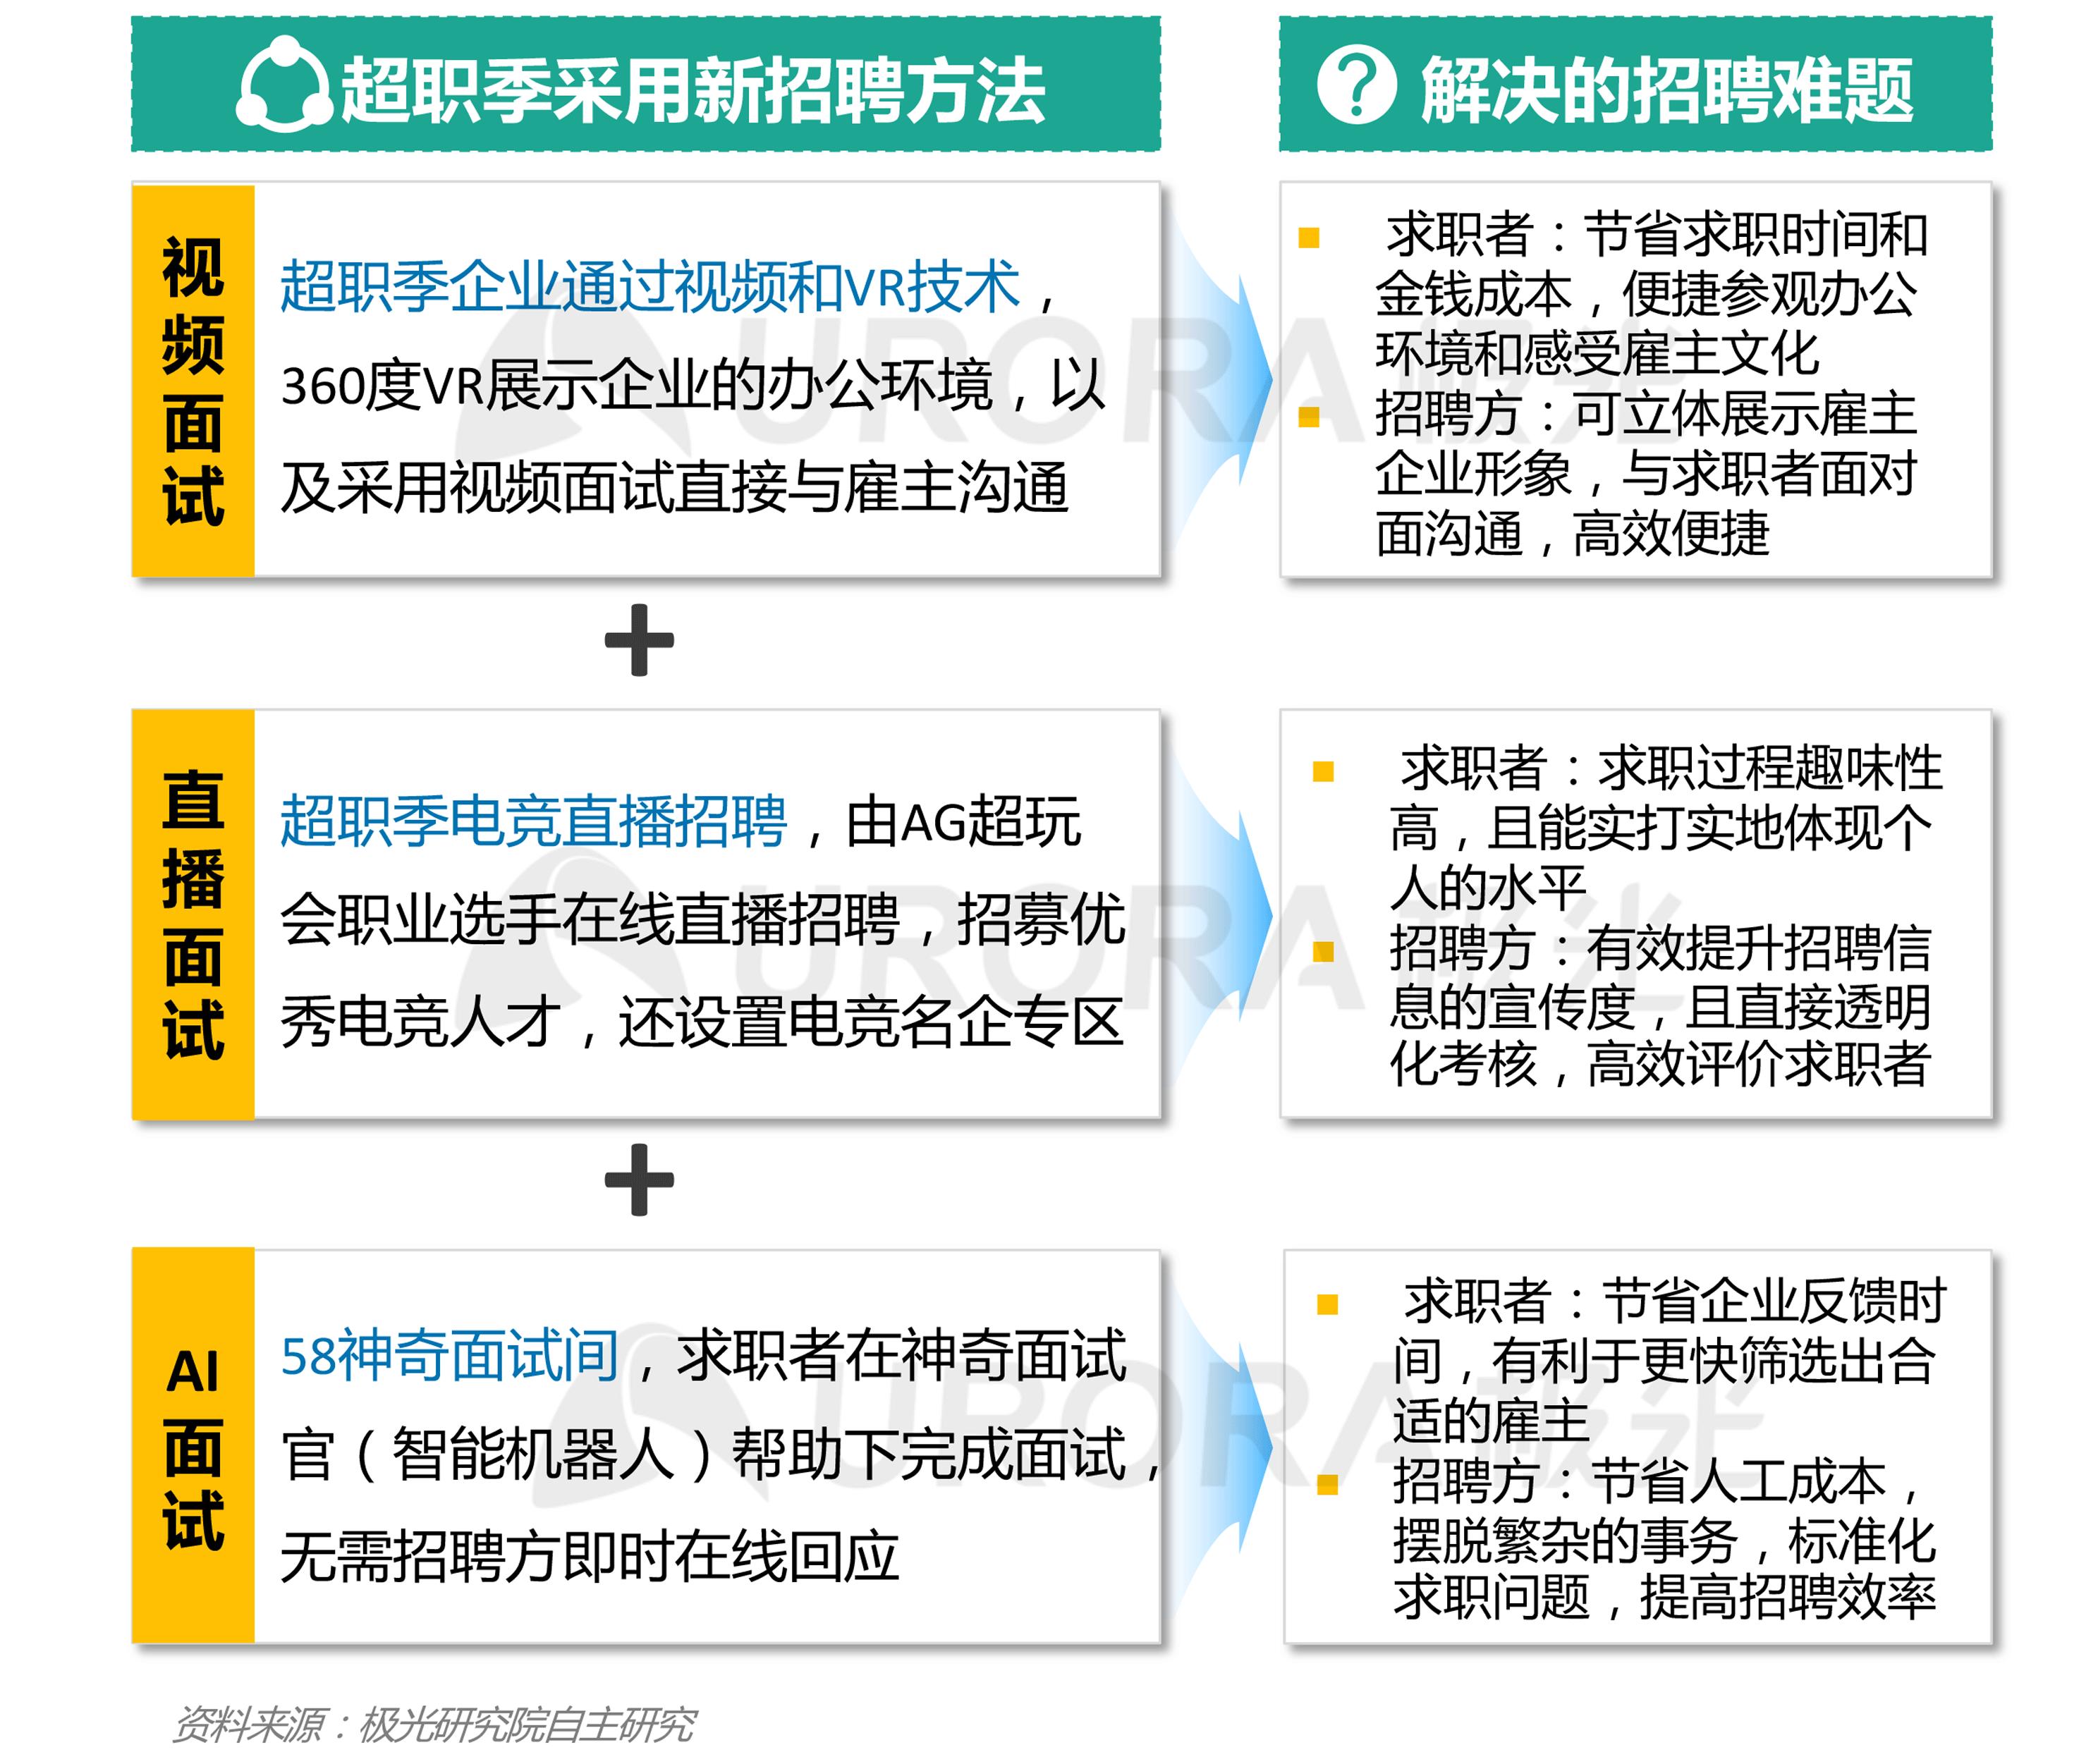 """""""超职季""""招聘行业报告-汇总版 (20).png"""